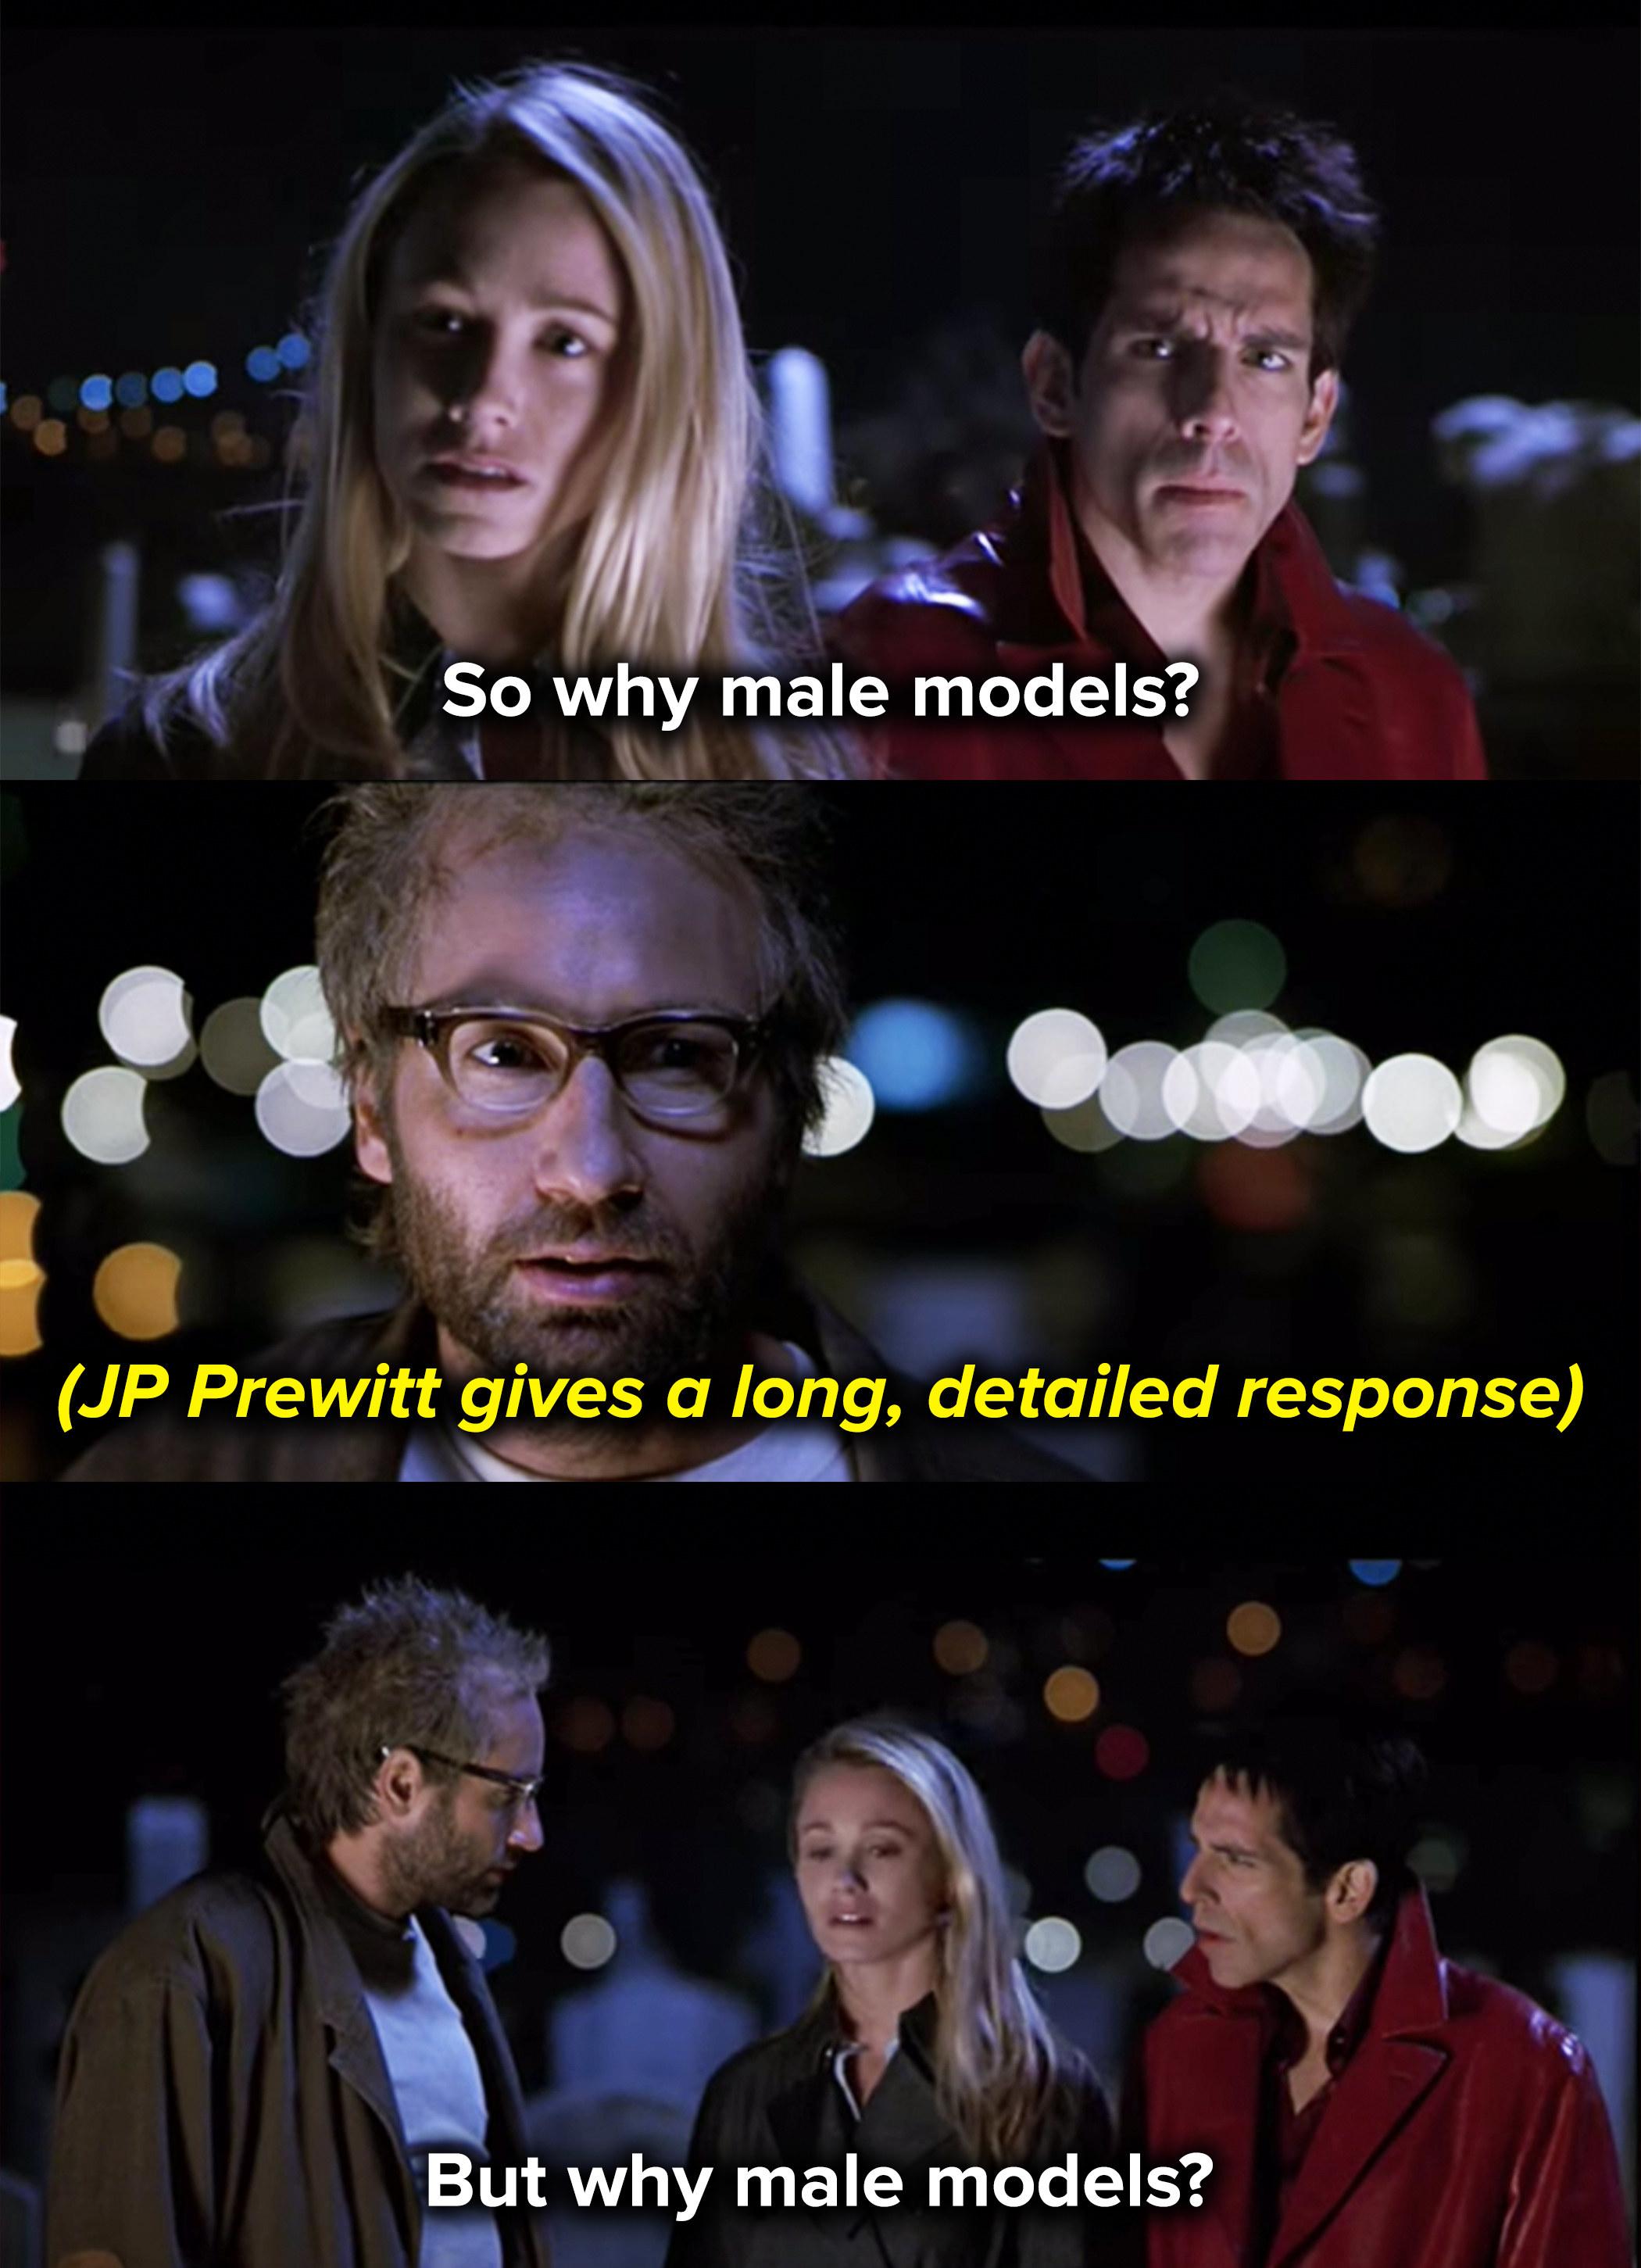 Derek repeats his question after JP Prewitt gives a long, detailed response